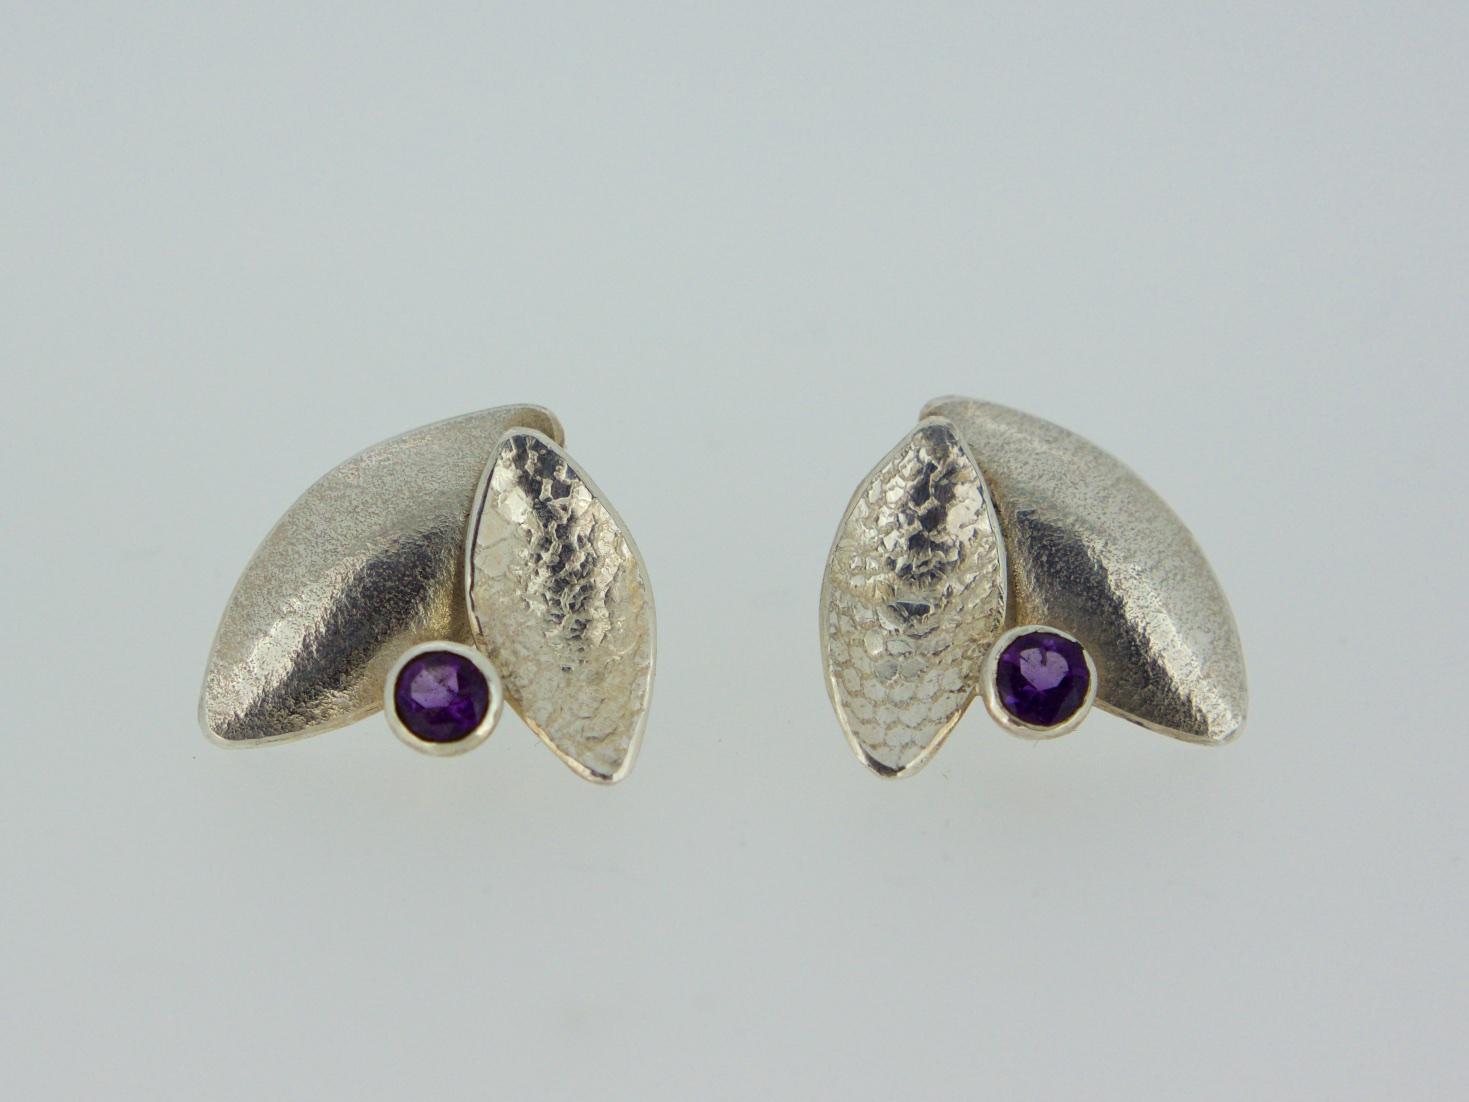 Kate Phipps Leaf duo earrings with Amethyst.jpg